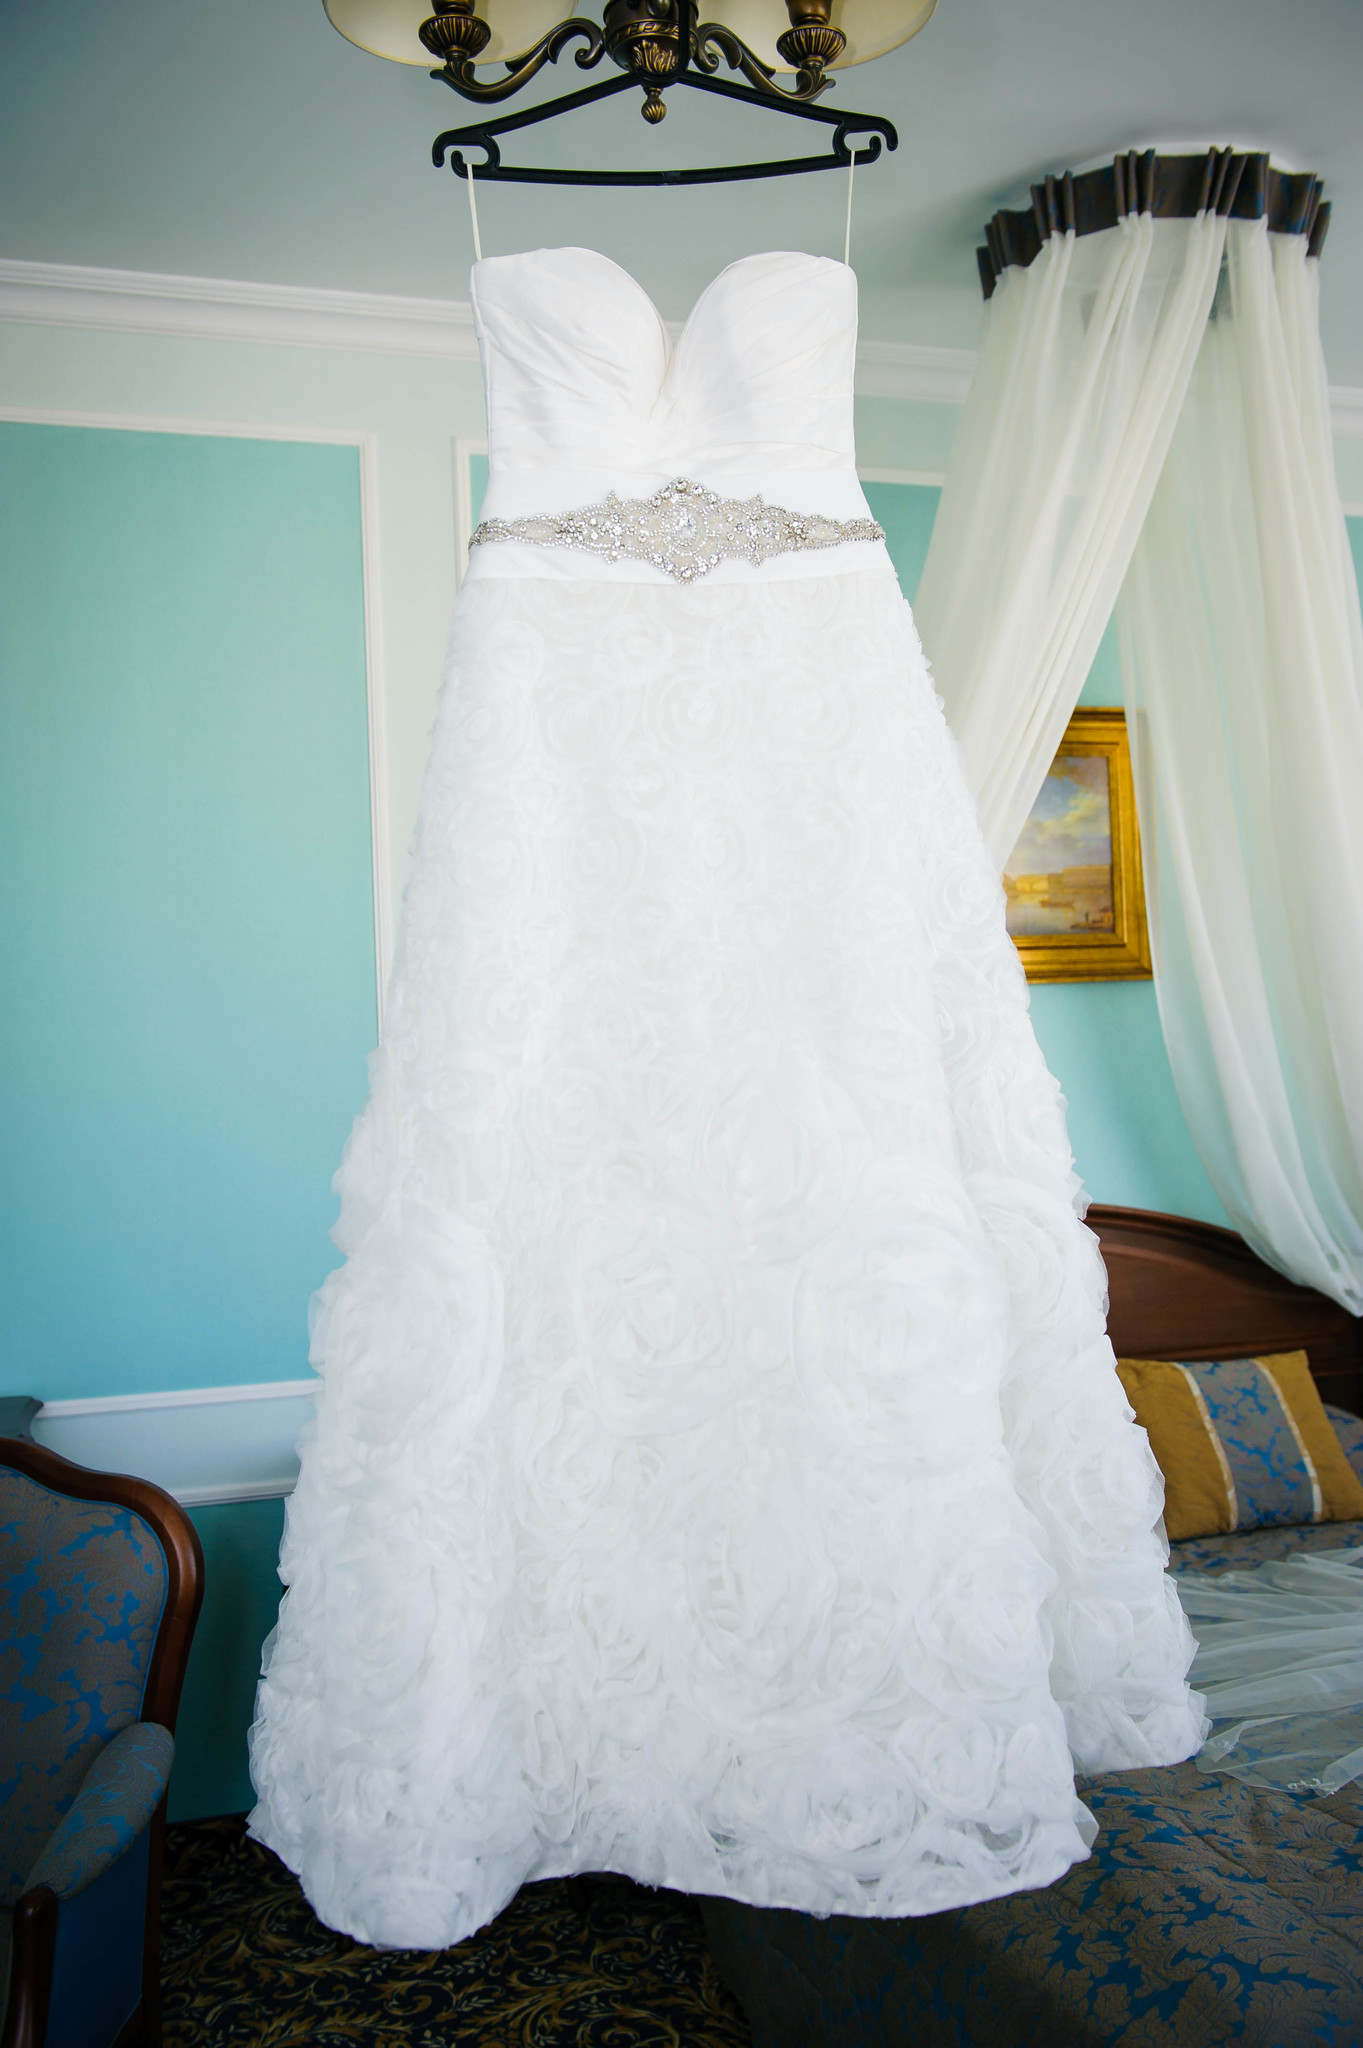 Постирать свадебное платье в домашних условиях